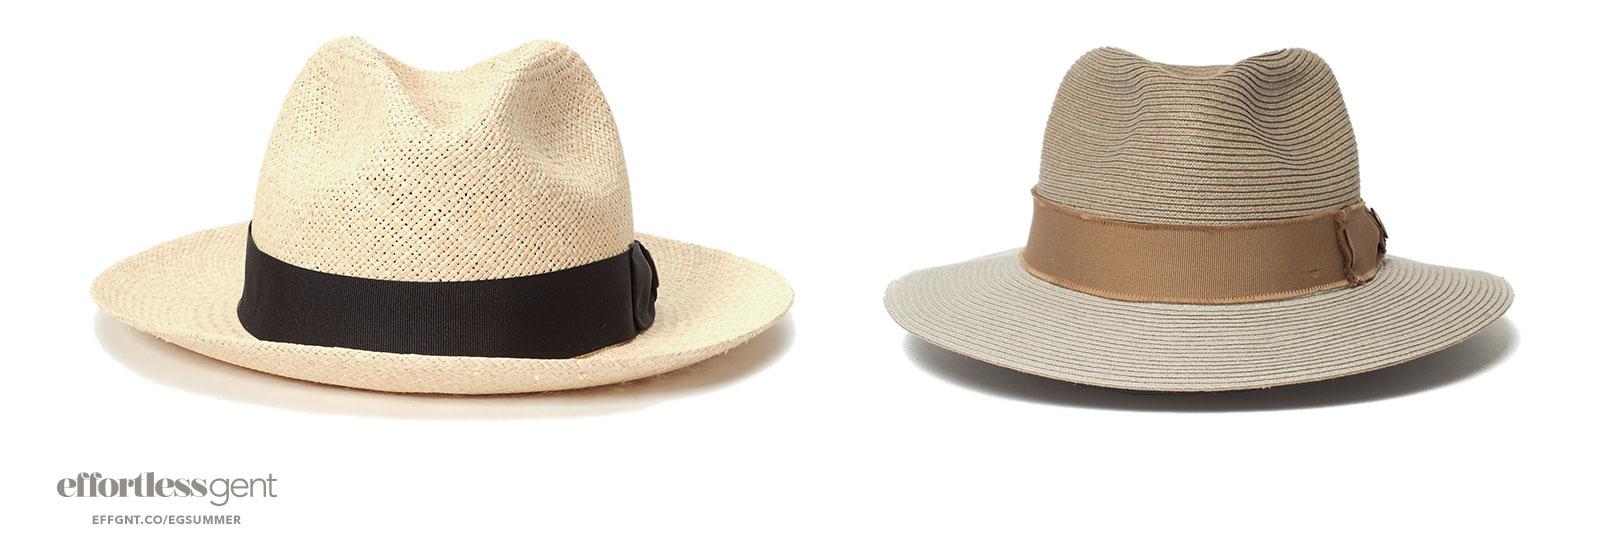 fedoras - summer clothes for men - effortless gent